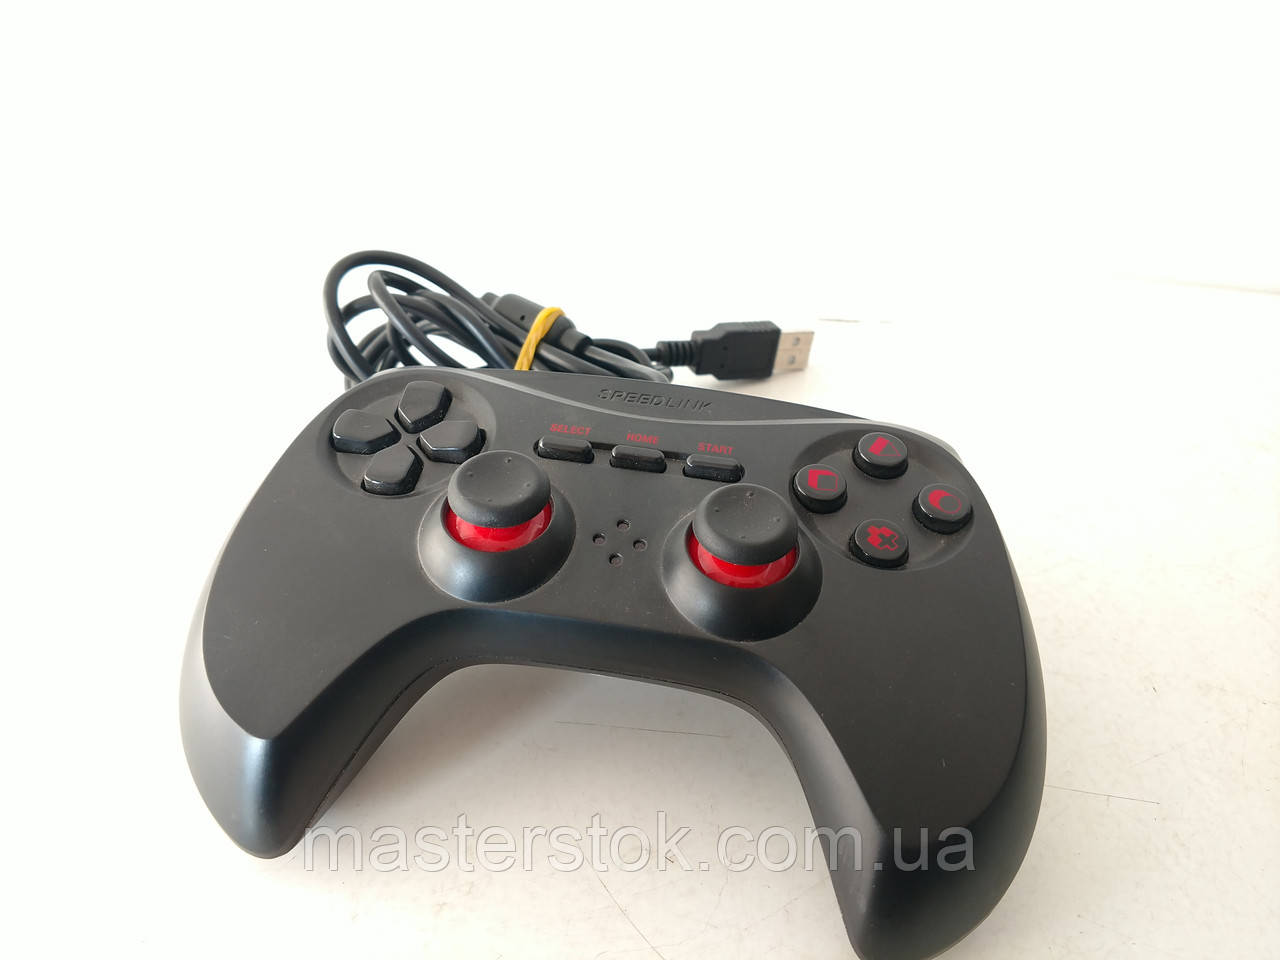 Проводной джойстик для Playstation 3